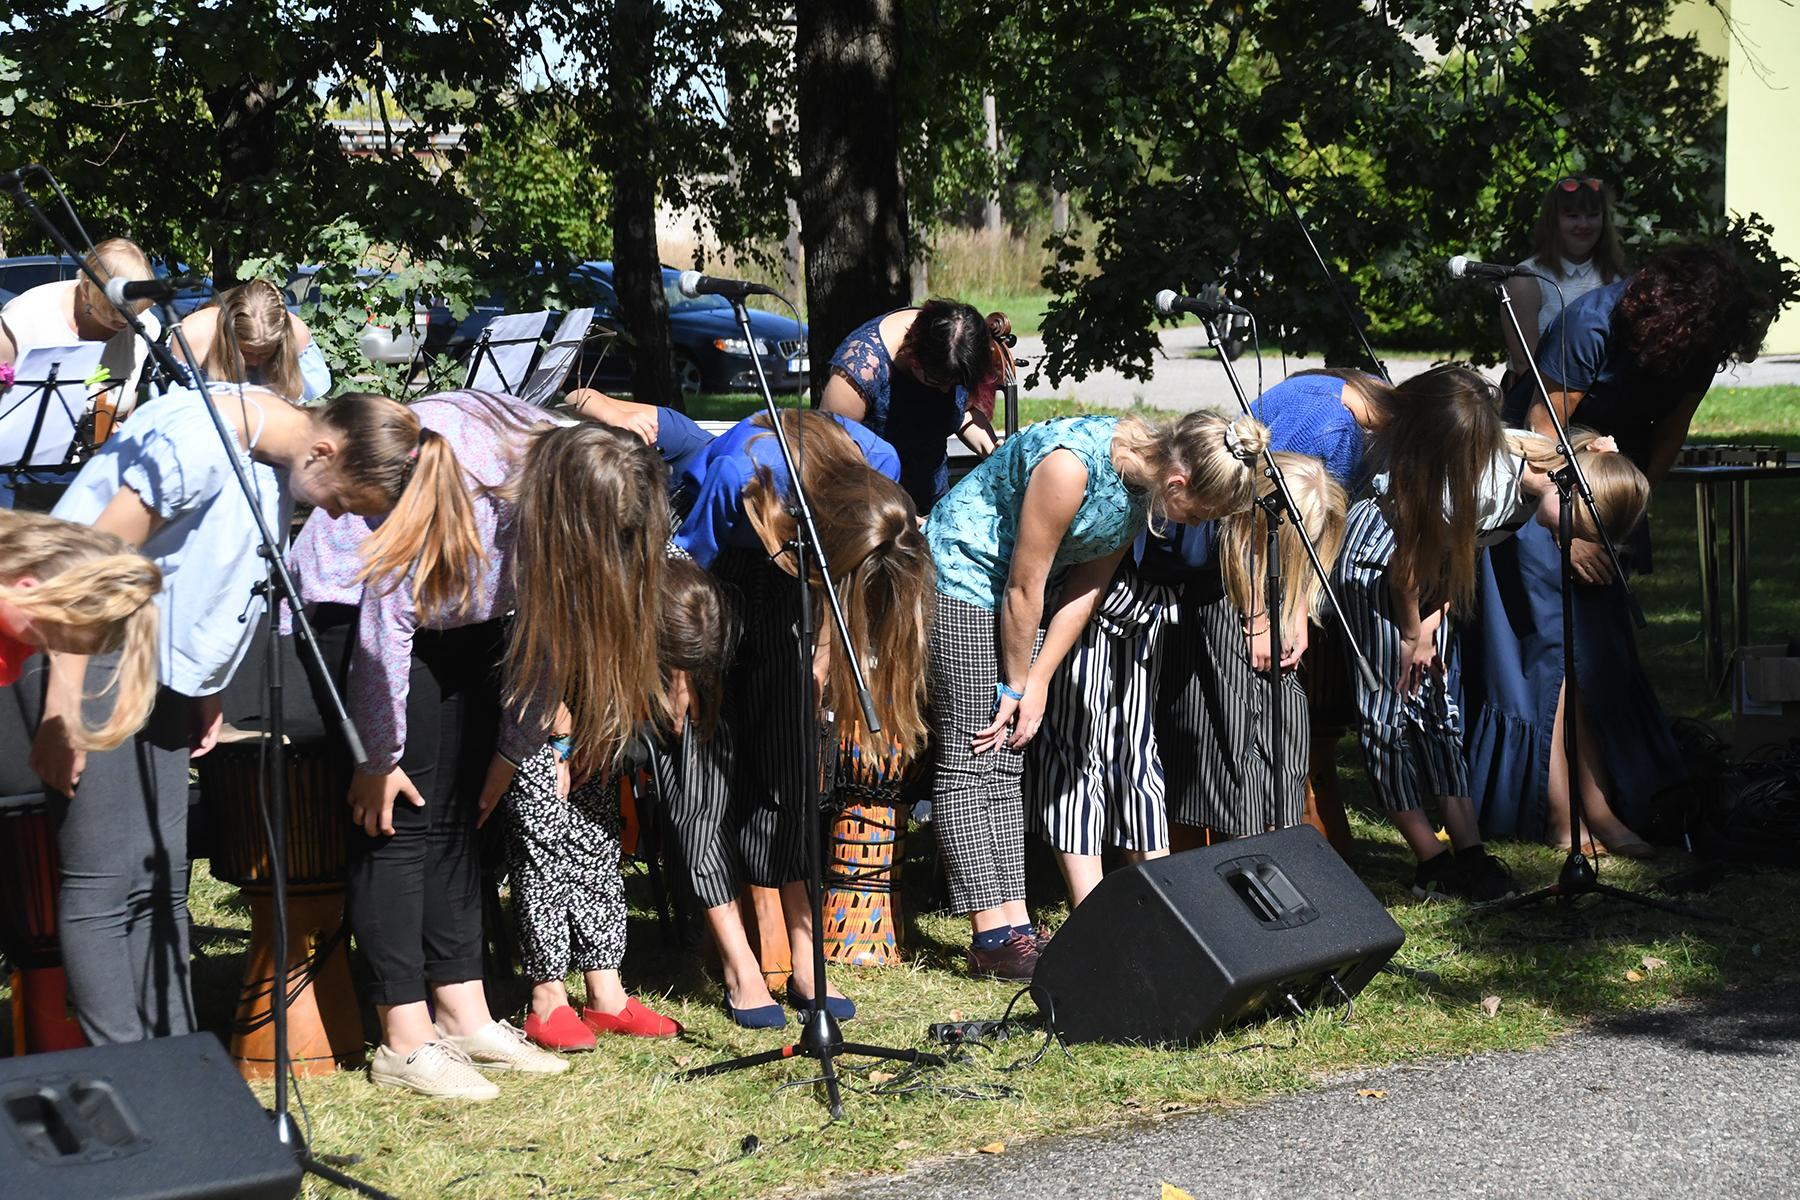 Sindi muusikakooli esinejad tänavad publikut. Foto Urmas Saard